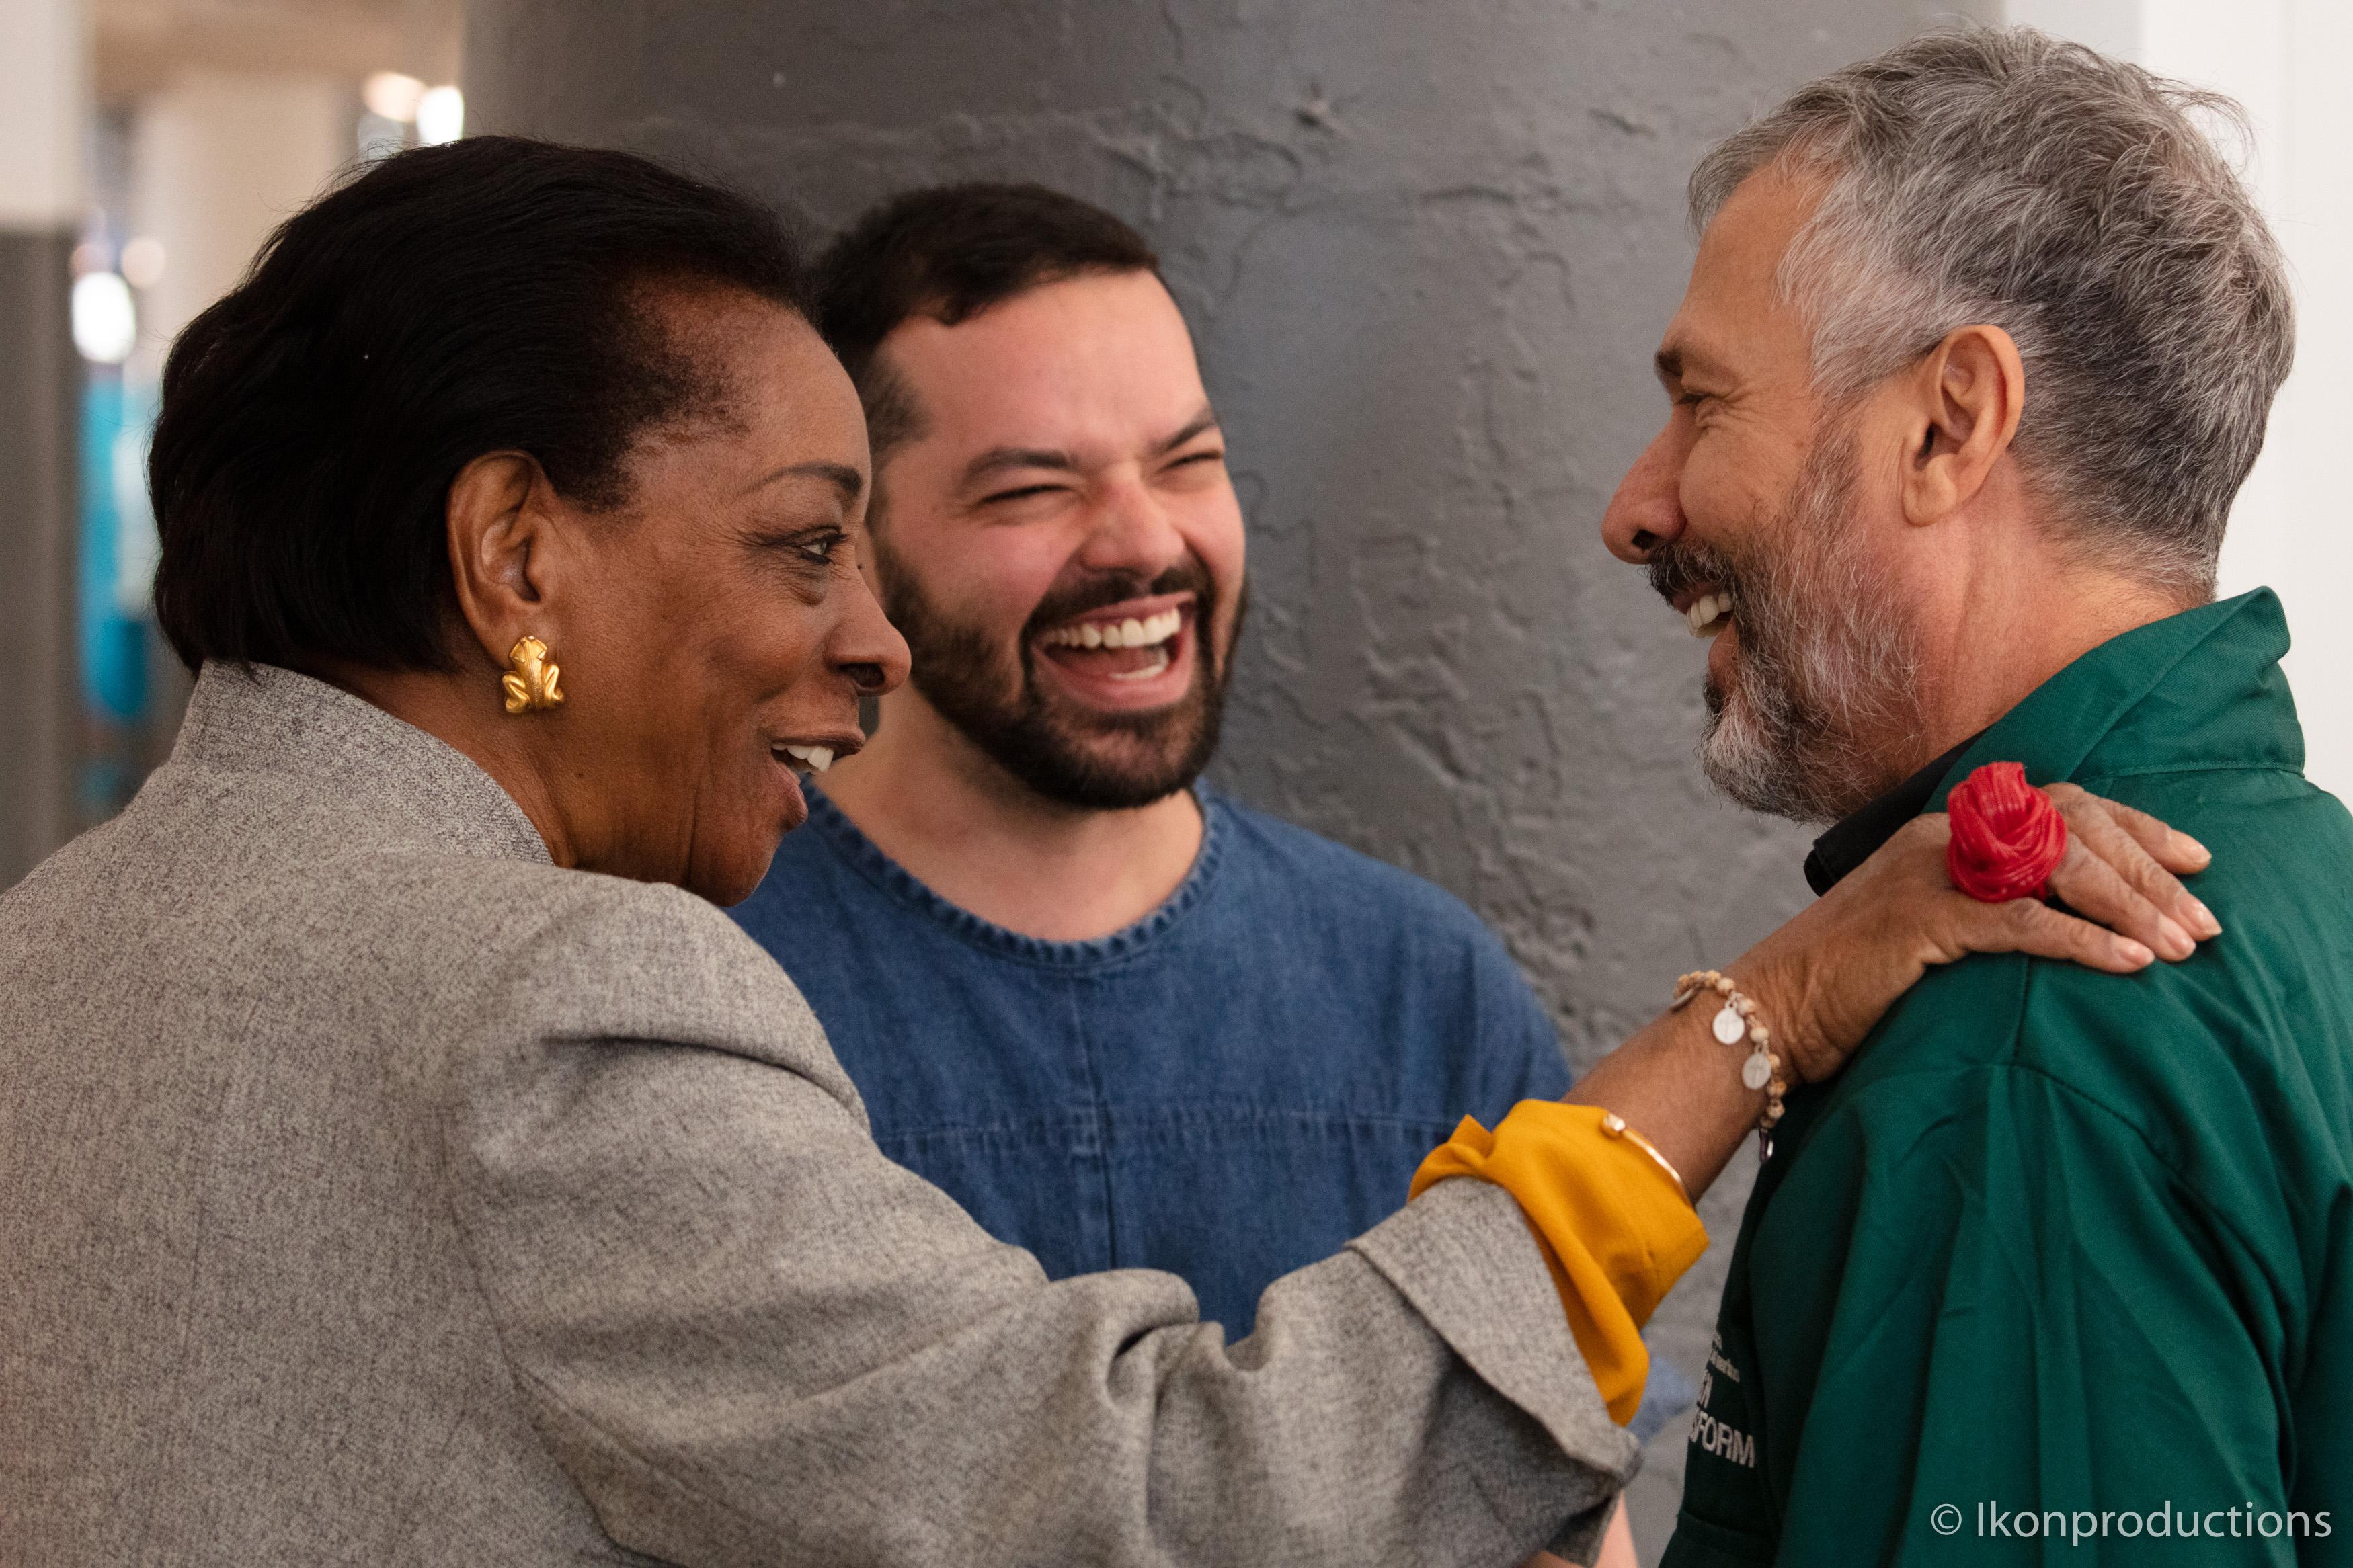 Marva Griffin, Rodolfo Agrella, Campanasen Nueva York en 2019. Foto cortesía Ikon productions